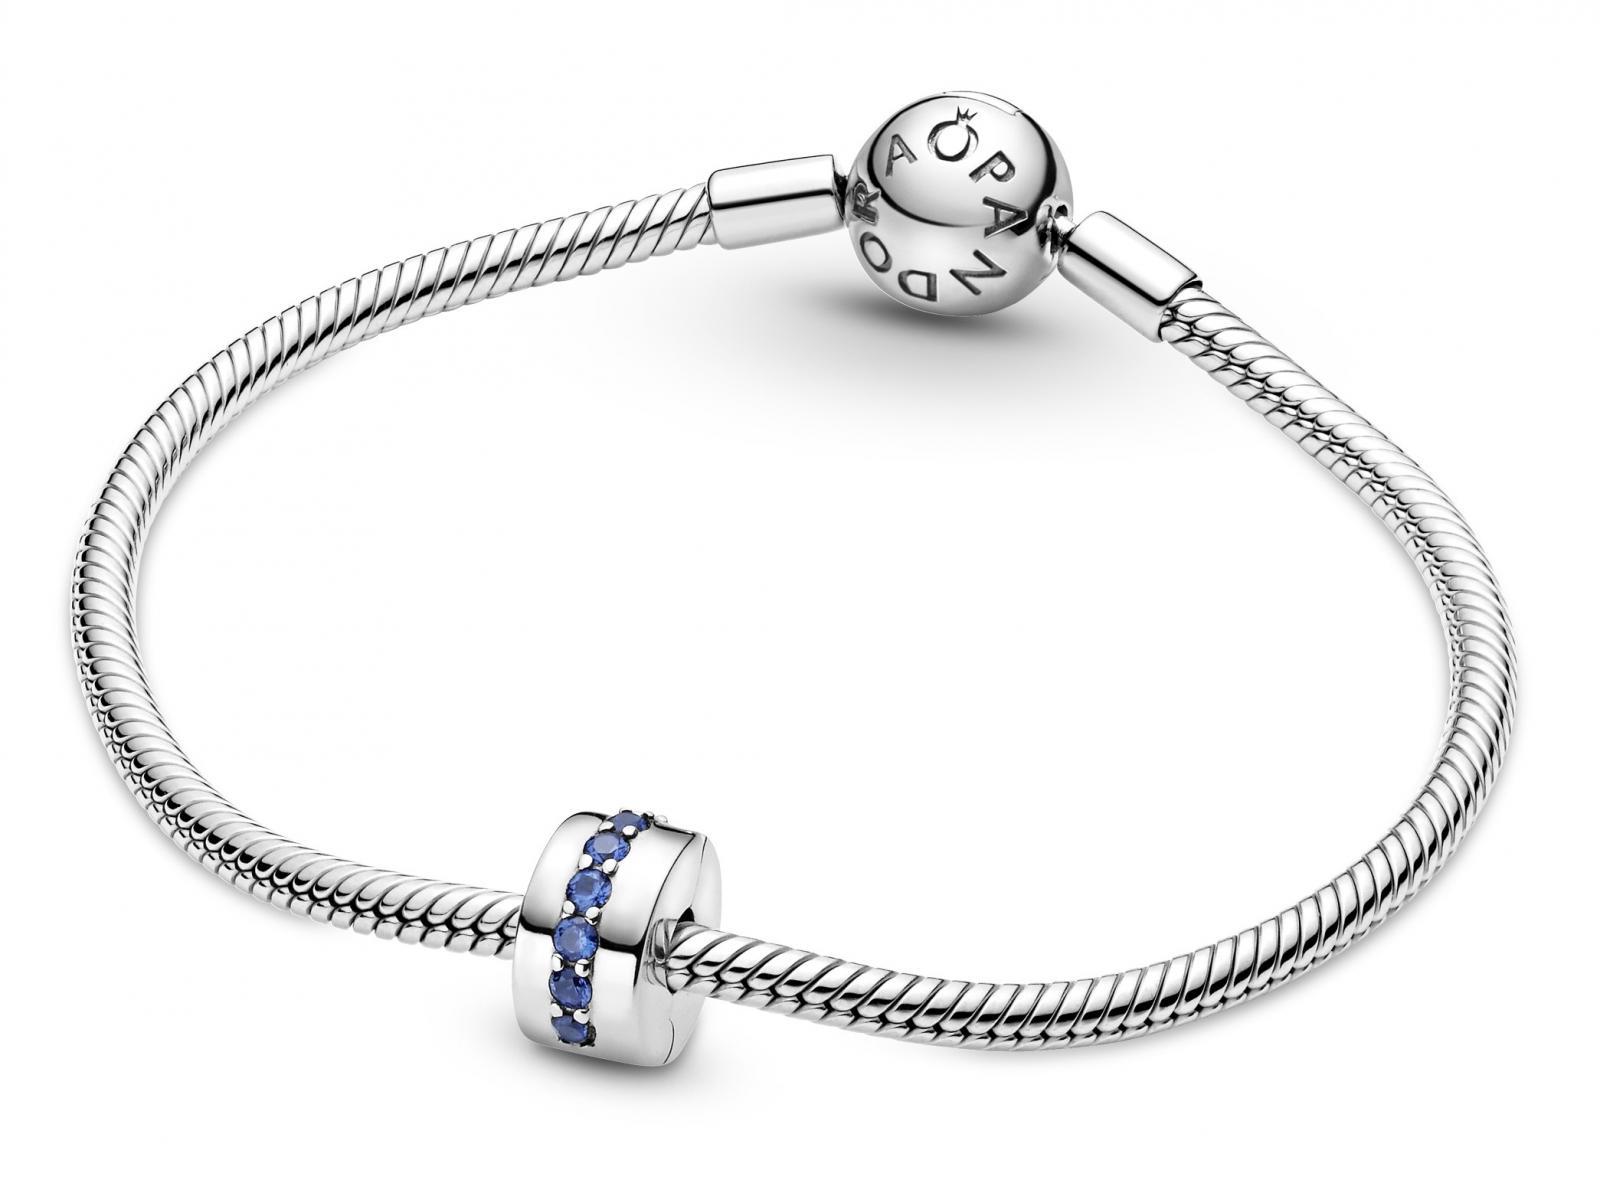 Pandora飾品聖誕限量登場!編輯精選「2000元有找」5款銀飾,小資女也能輕鬆入手-3